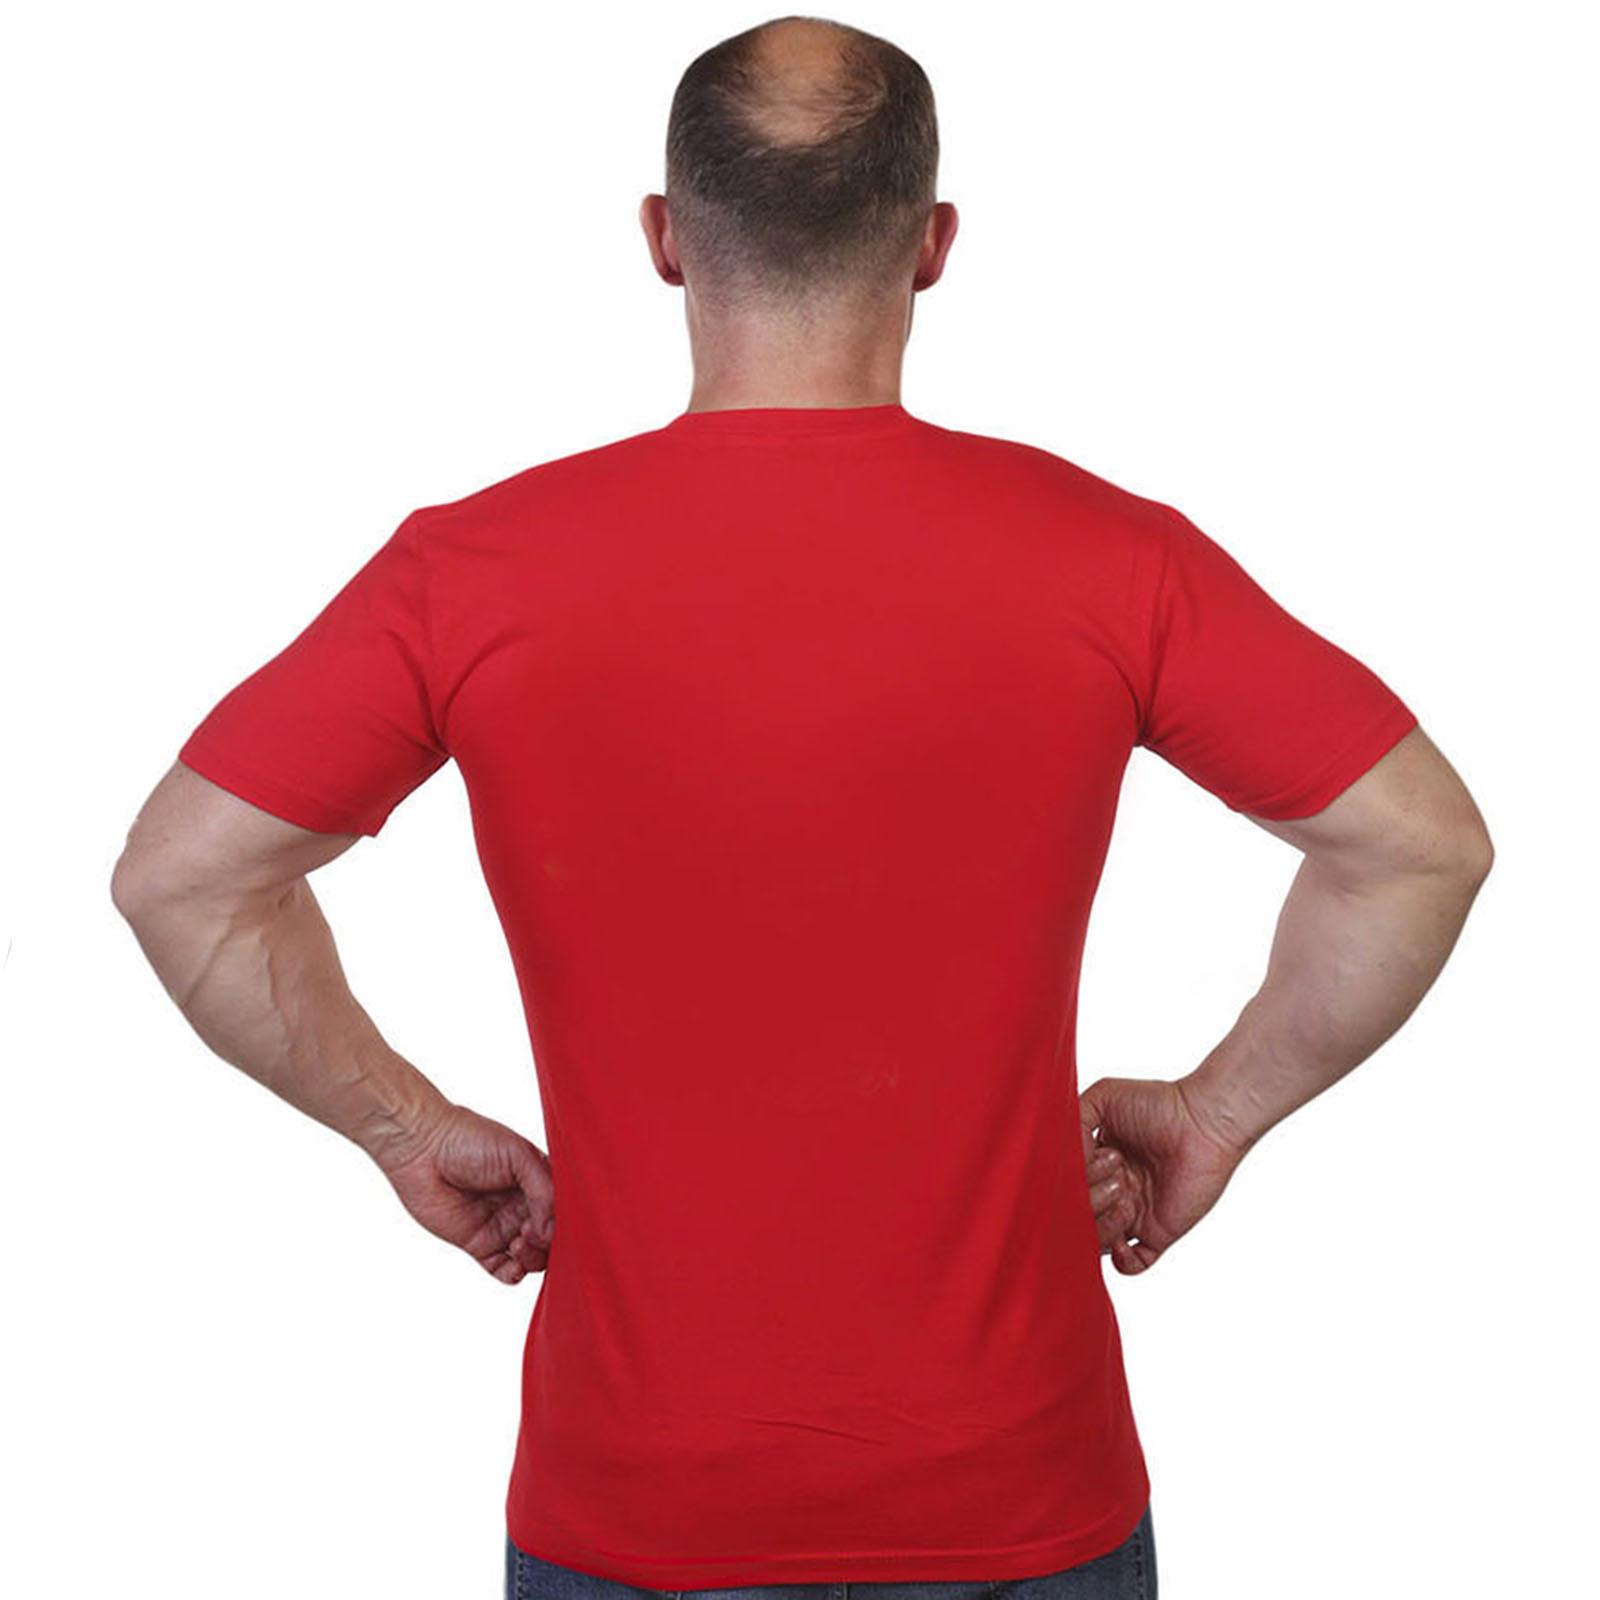 Красная однотонная мужская футболка - высокого качества